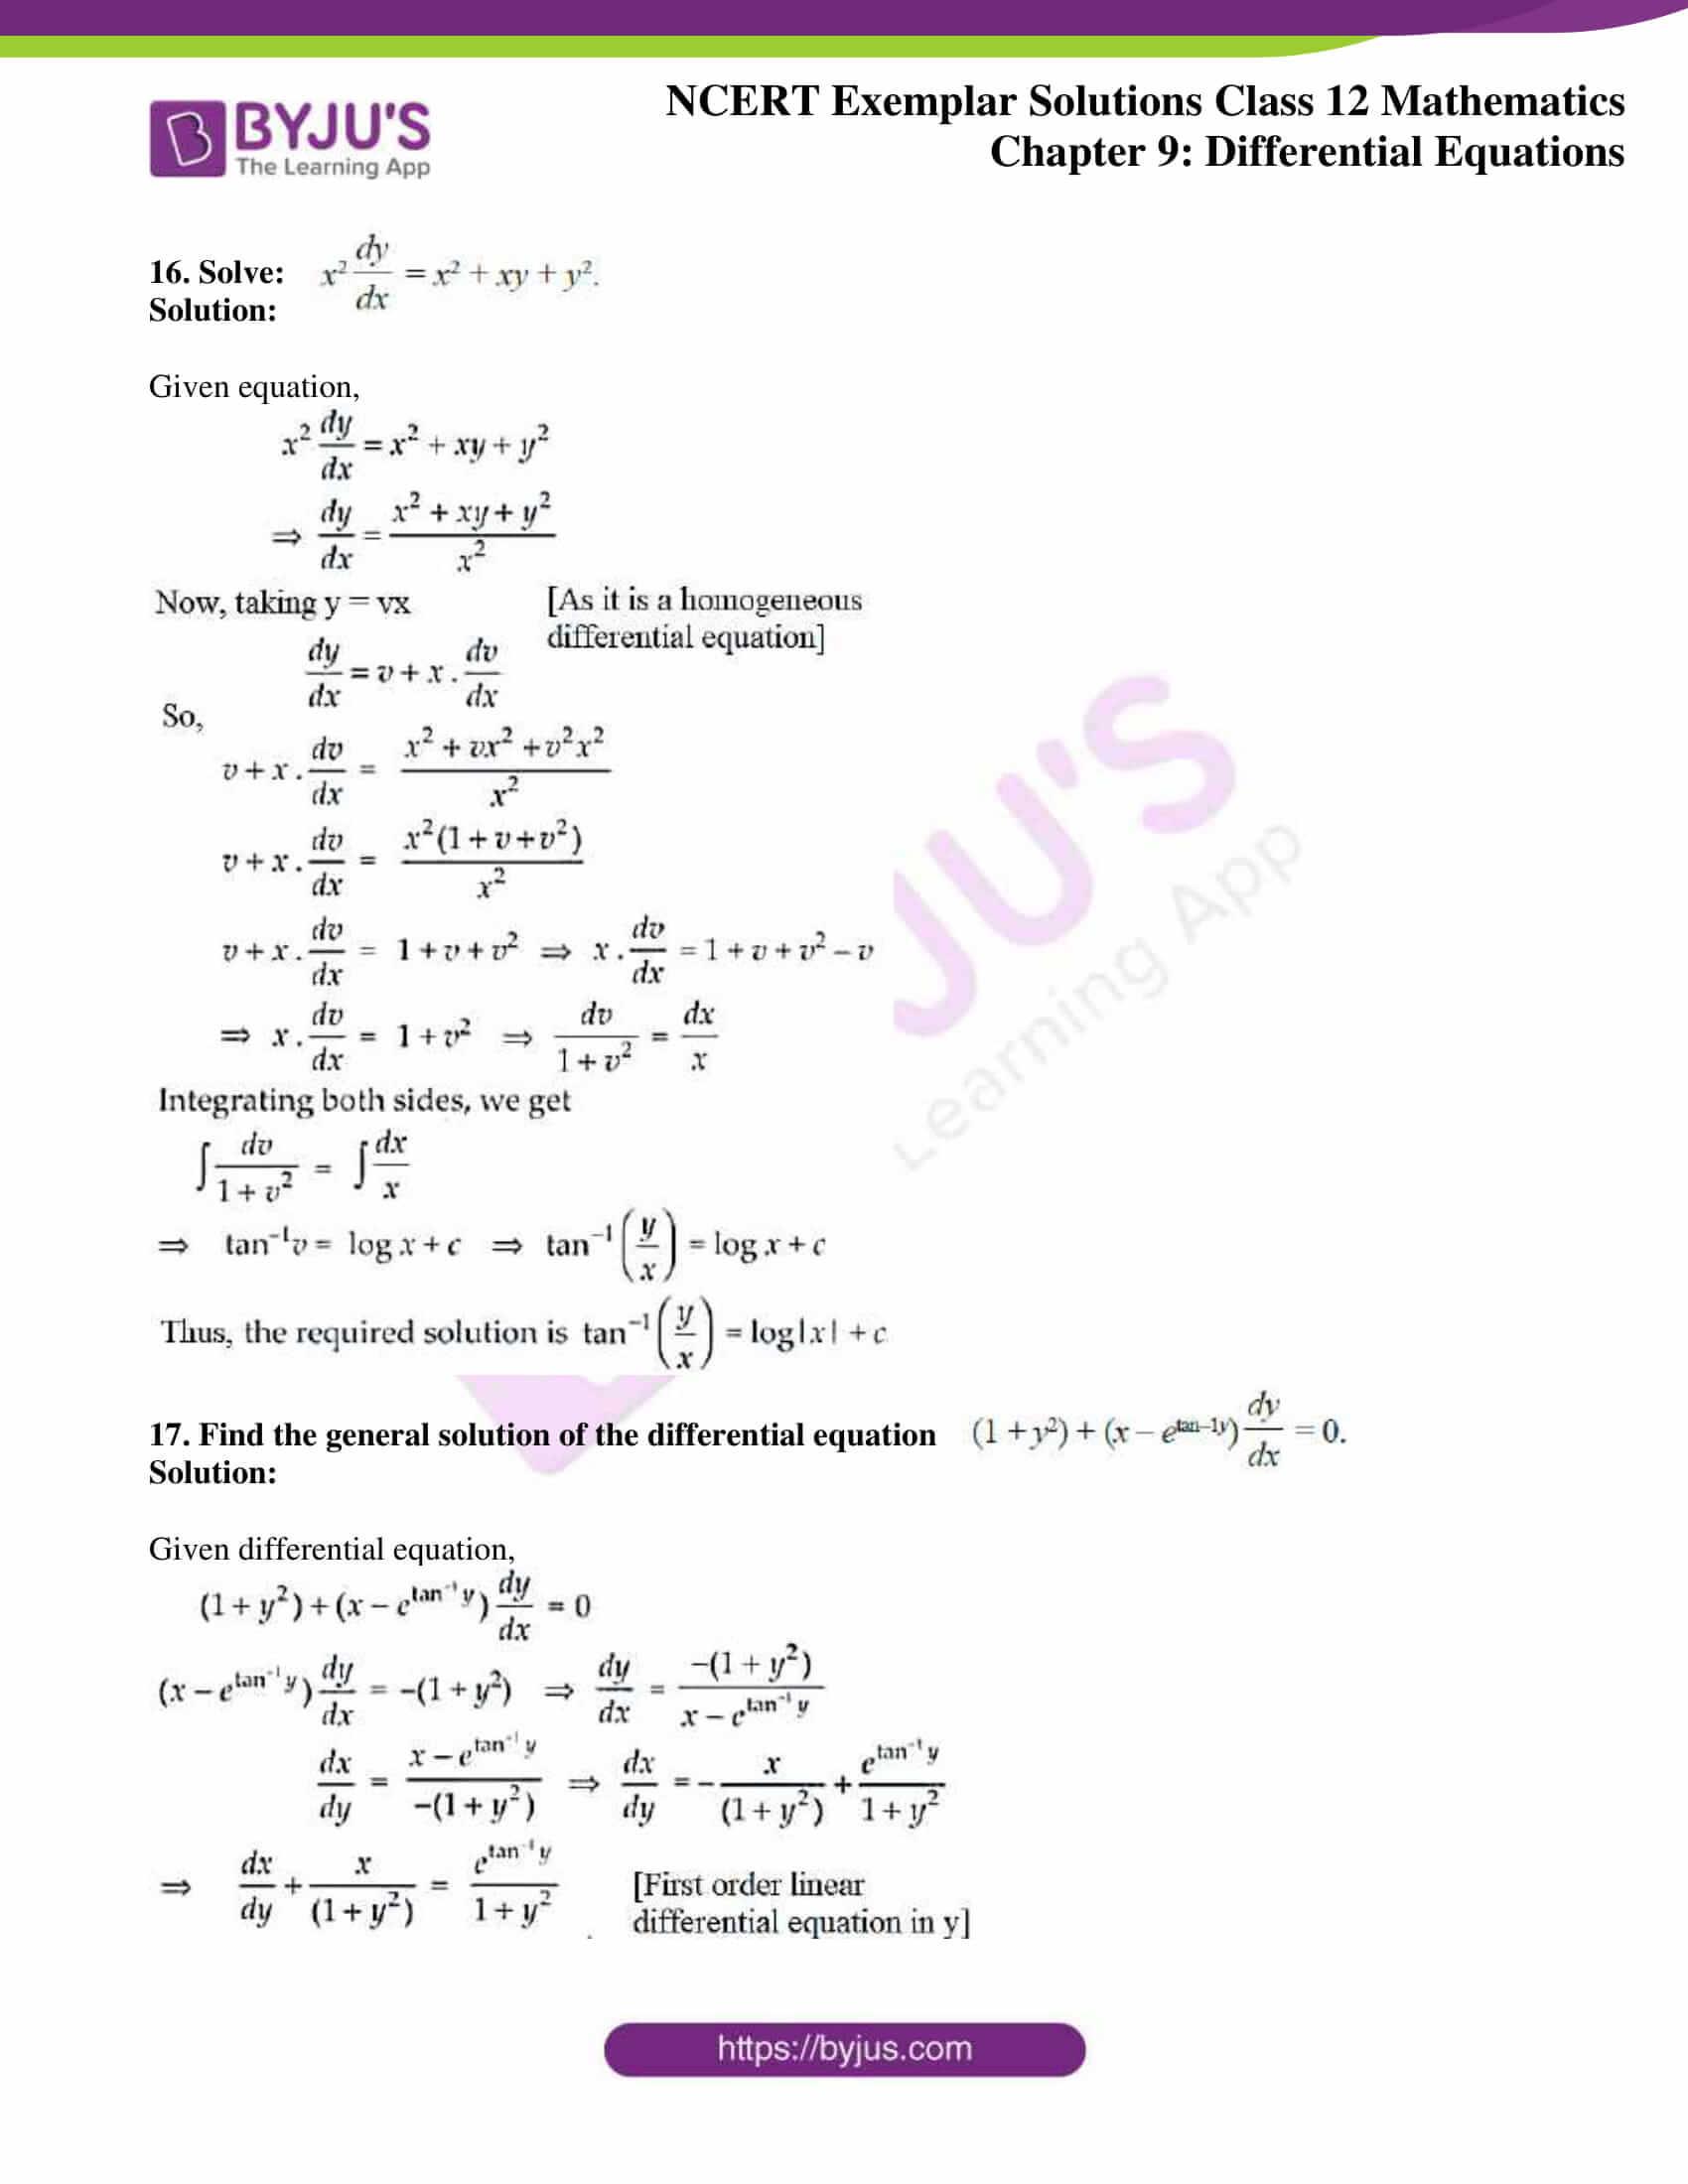 ncert exemplar sol class 12 mathematics ch 9 09